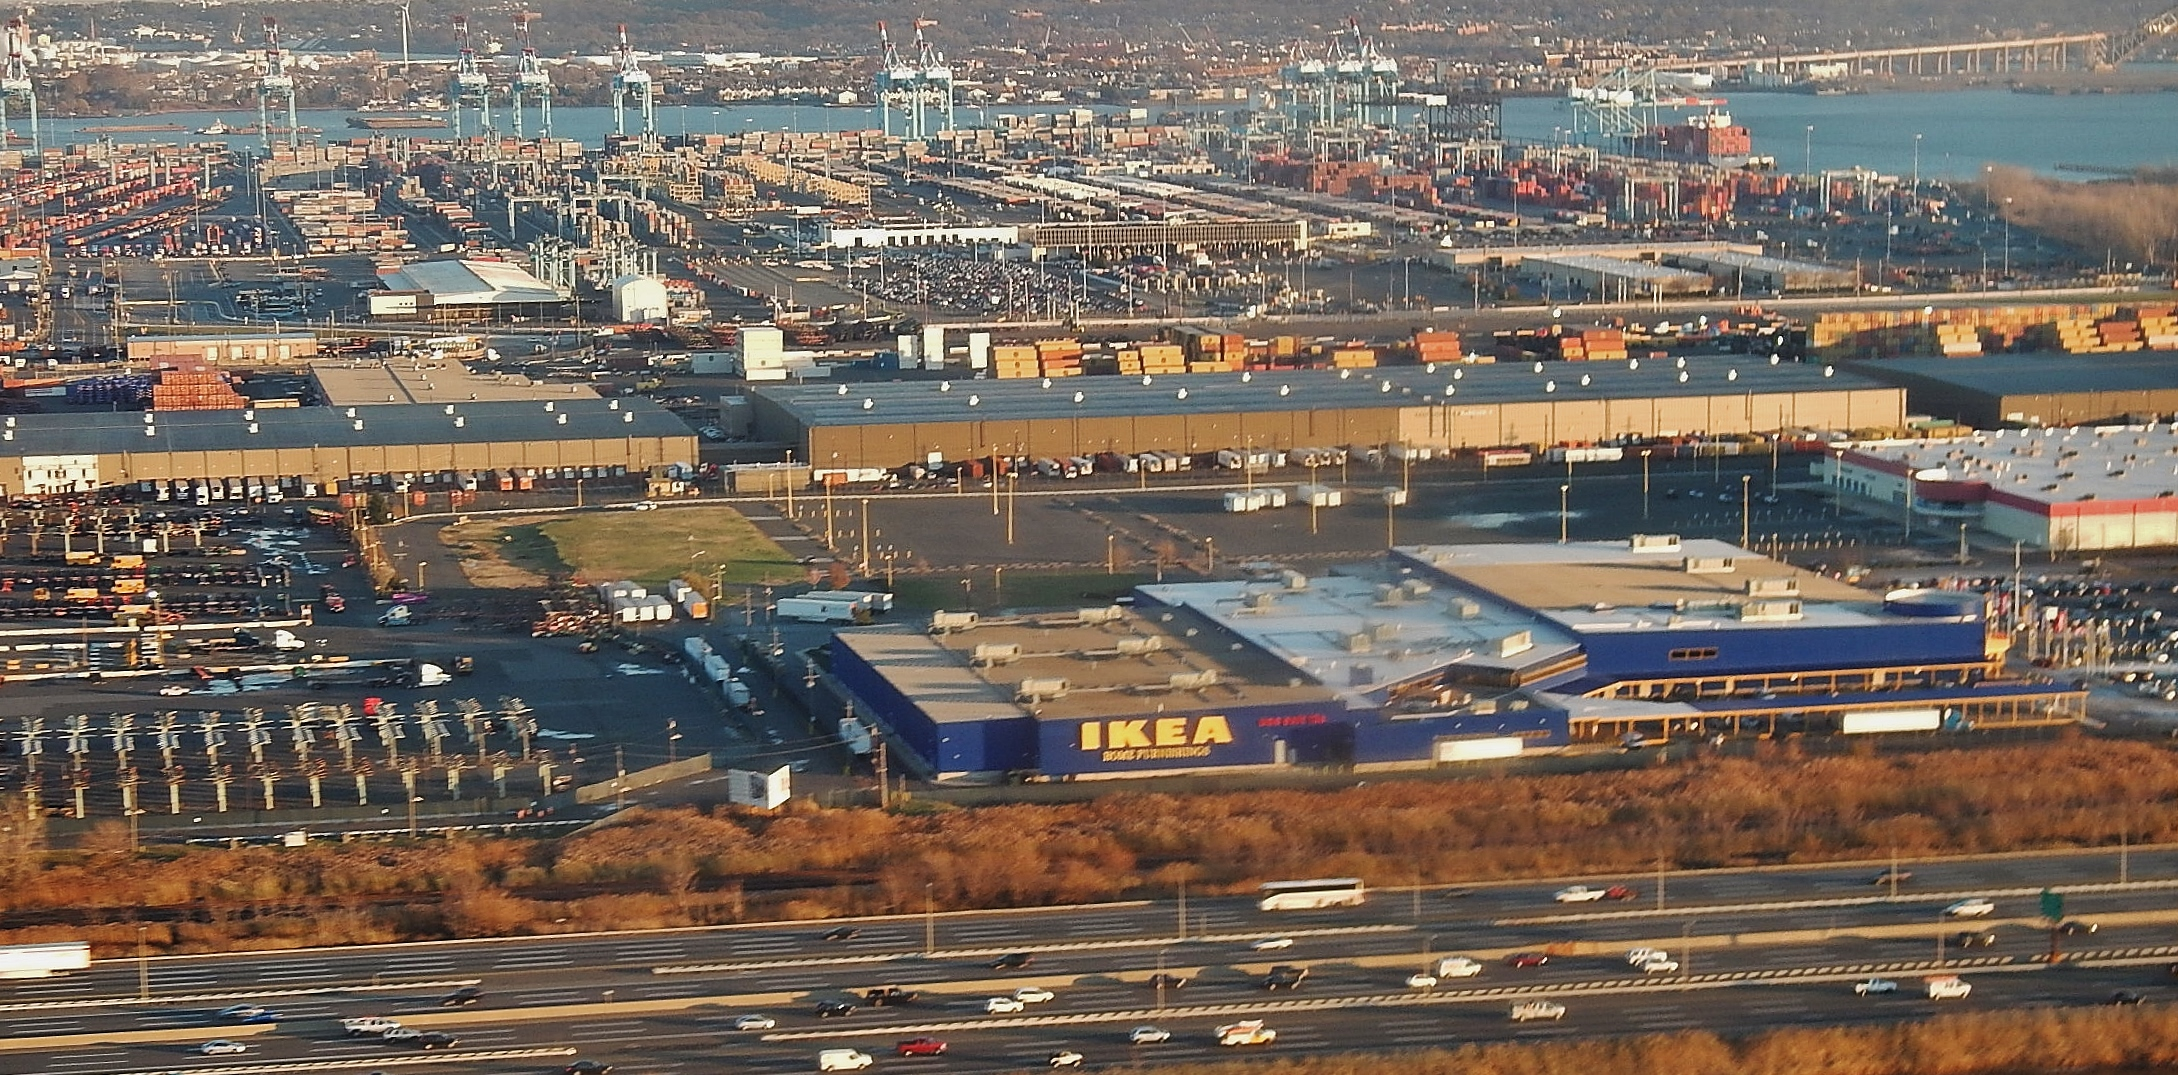 Aeroporto Ewr : Aeroporto de newark mapio